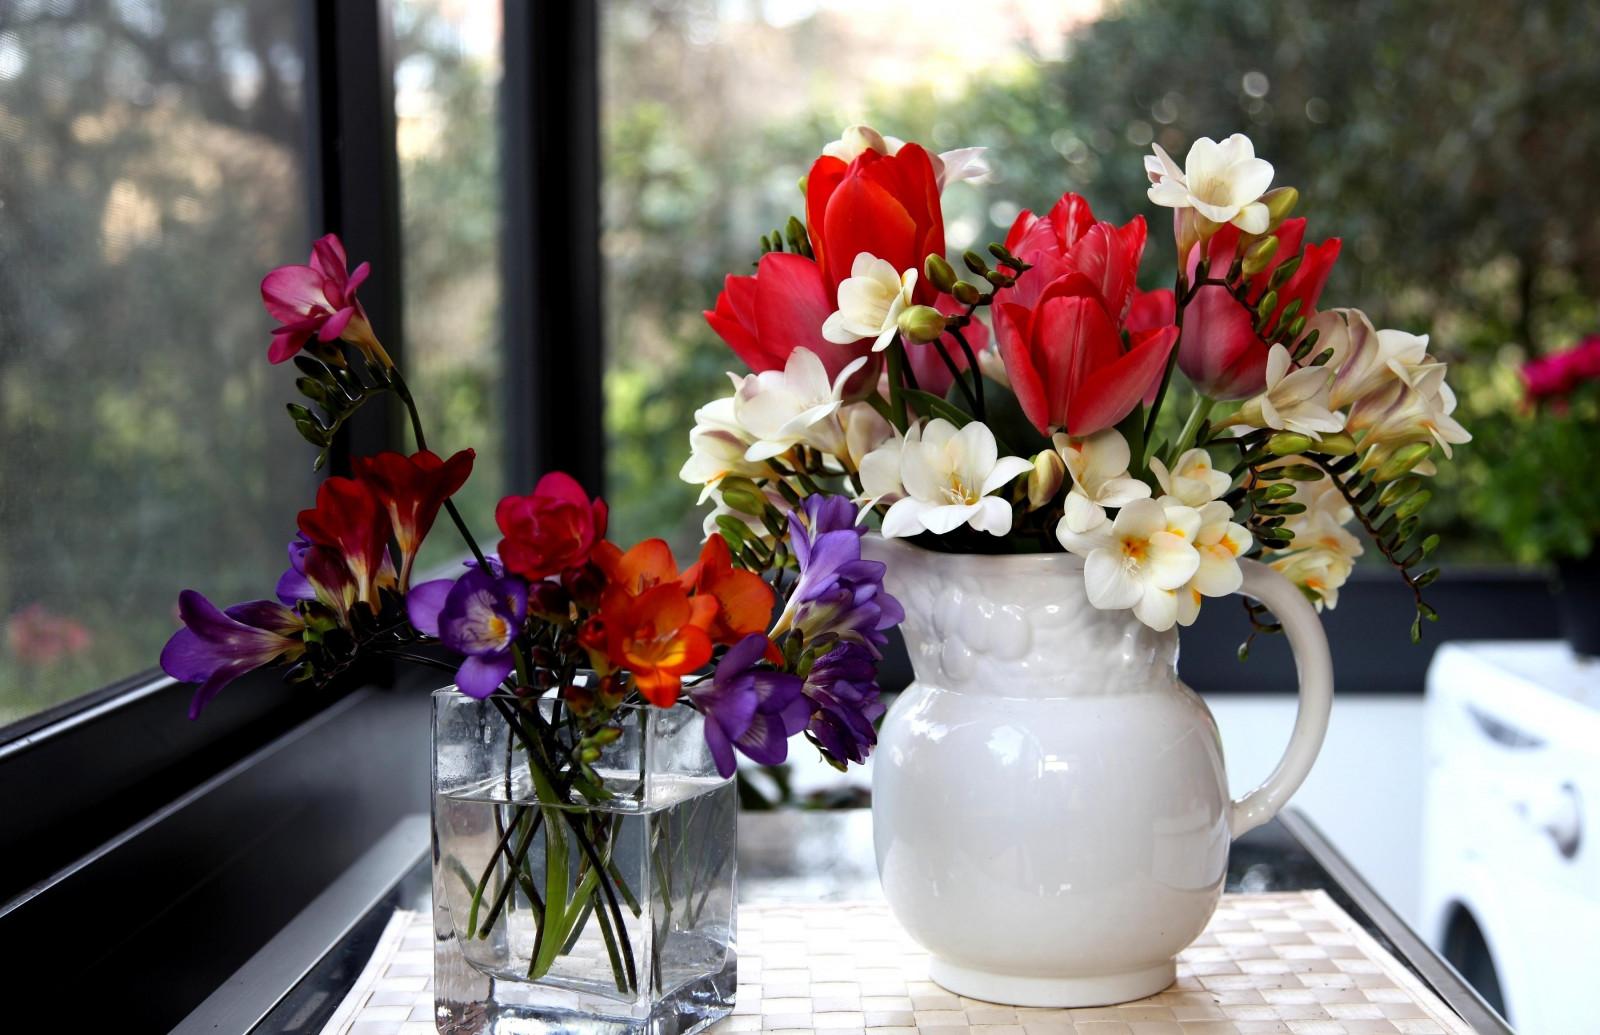 Красивые картинки с вазами цветов